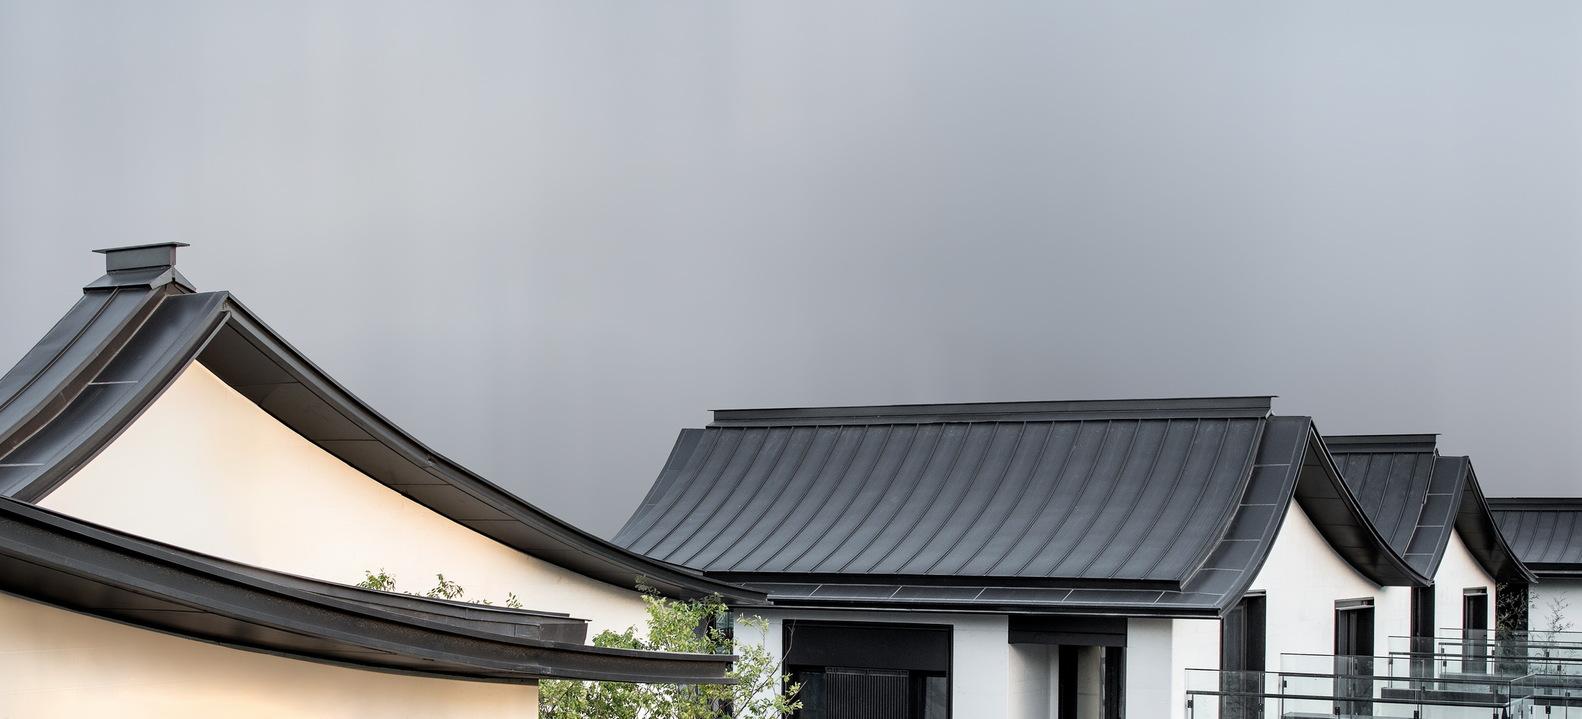 江苏苏州姑苏雅集社区建筑设计/上海都设营造